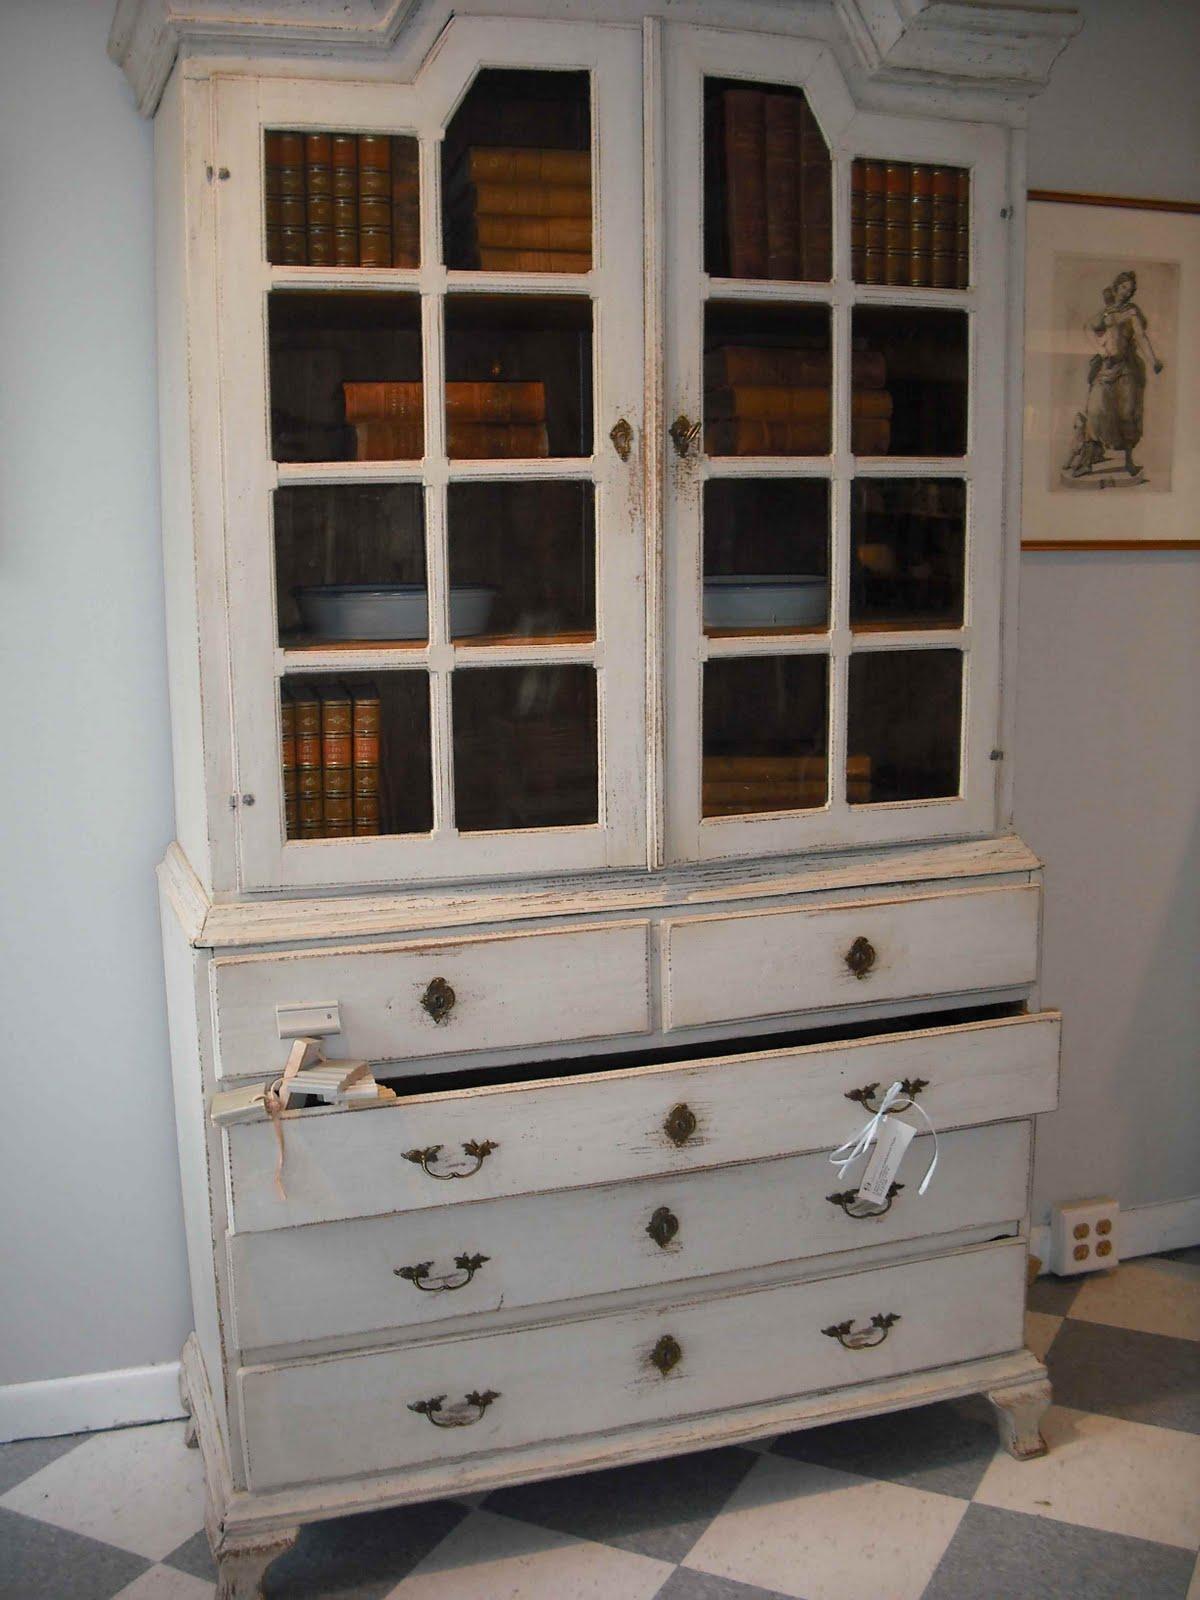 http://4.bp.blogspot.com/-sV8ZRLmmZD8/ThVdVq3OZfI/AAAAAAAABXk/Dv1kuNyU3iA/s1600/Cabinet.jpg